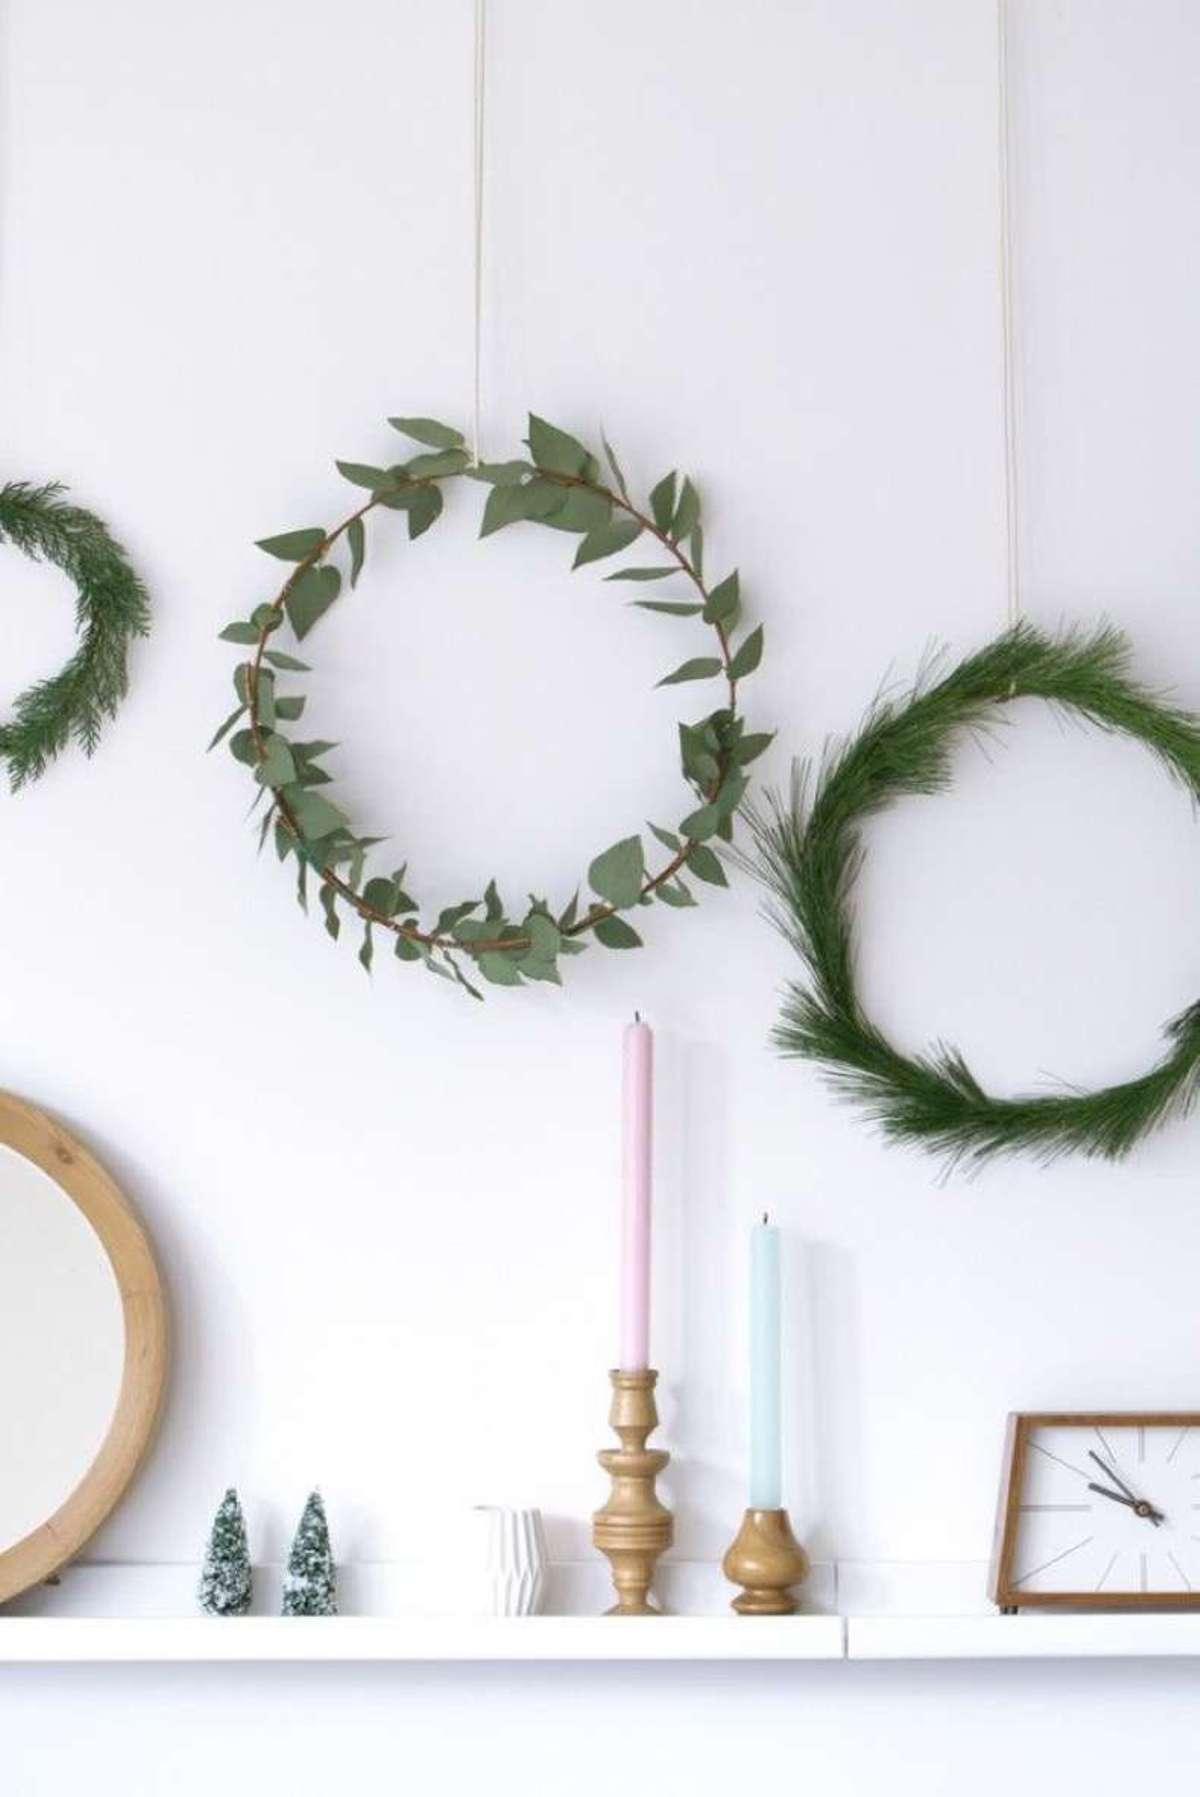 Historia y significado de las plantas navideñas 7